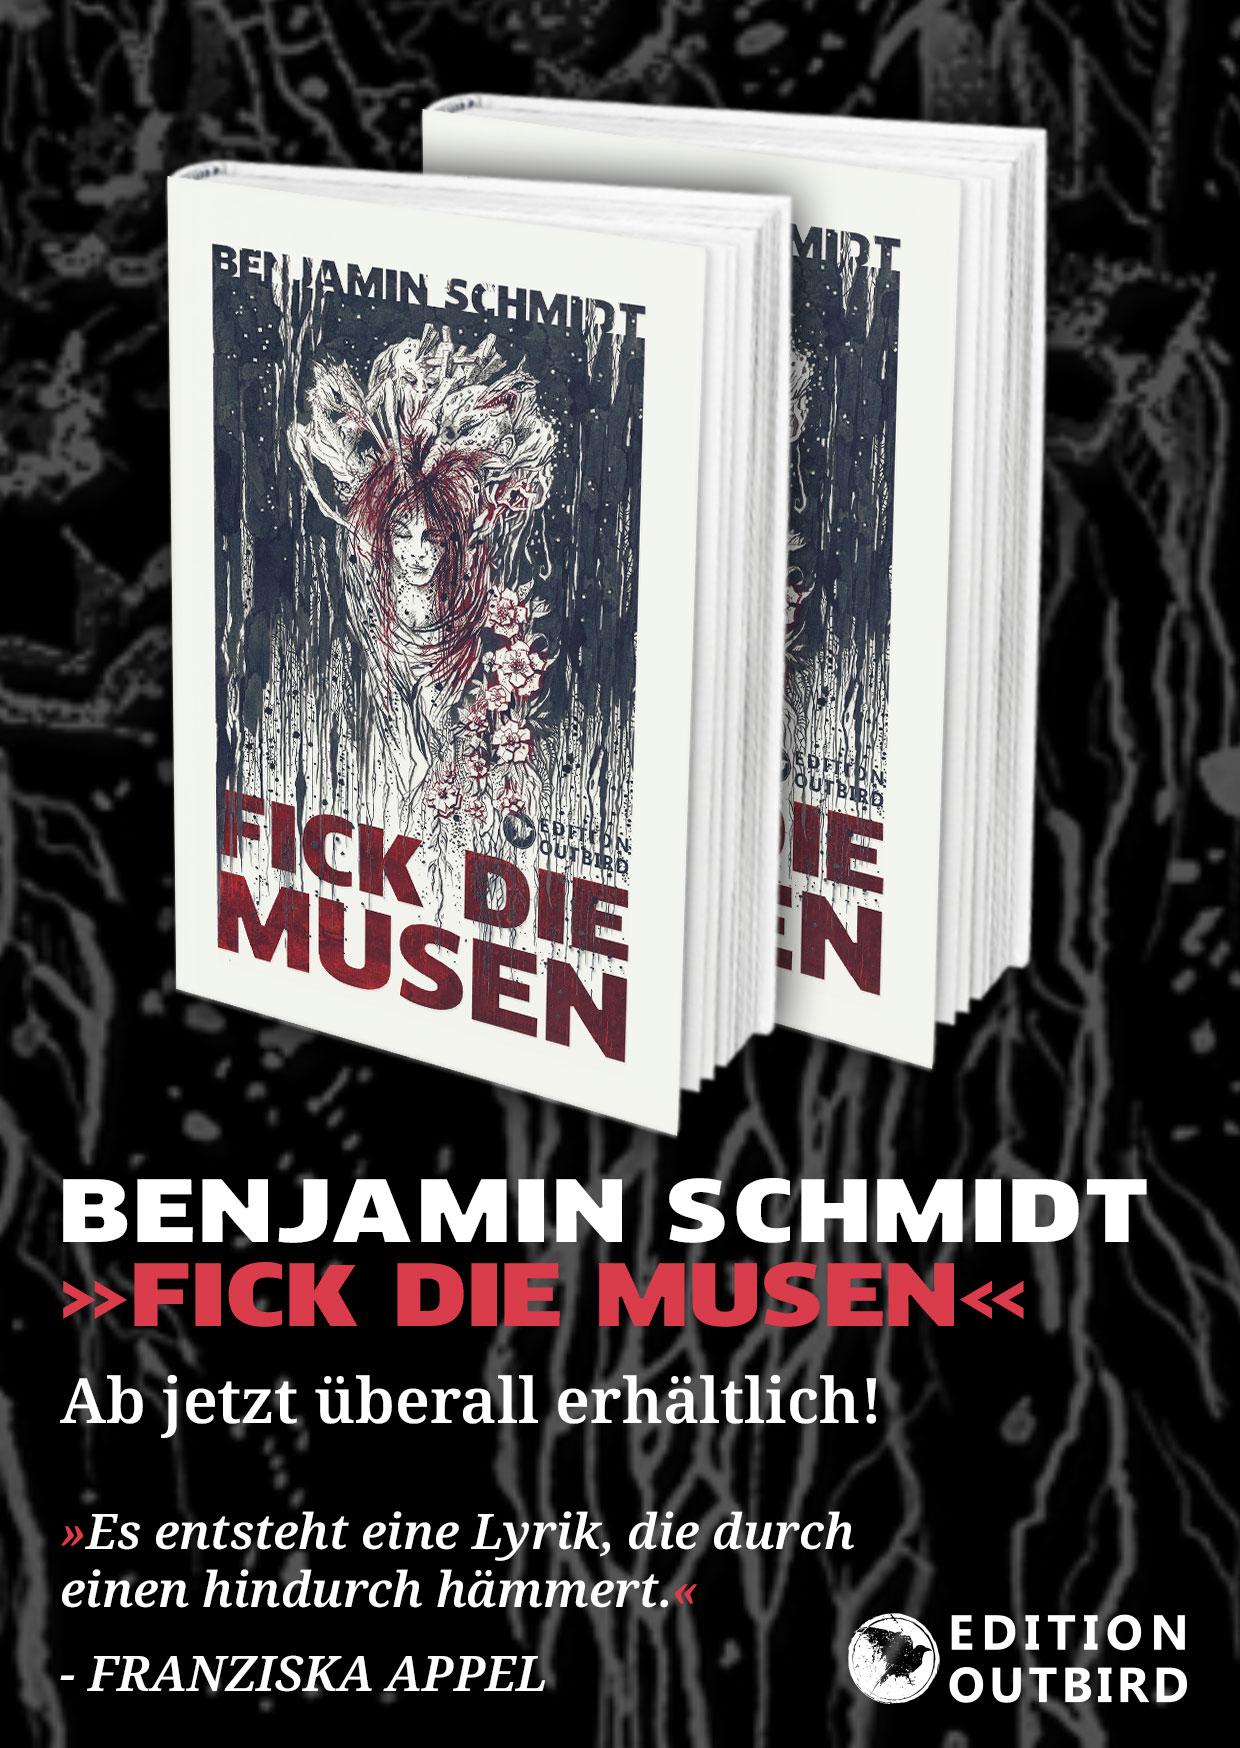 Benjamin Schmidt – Fick die Musen